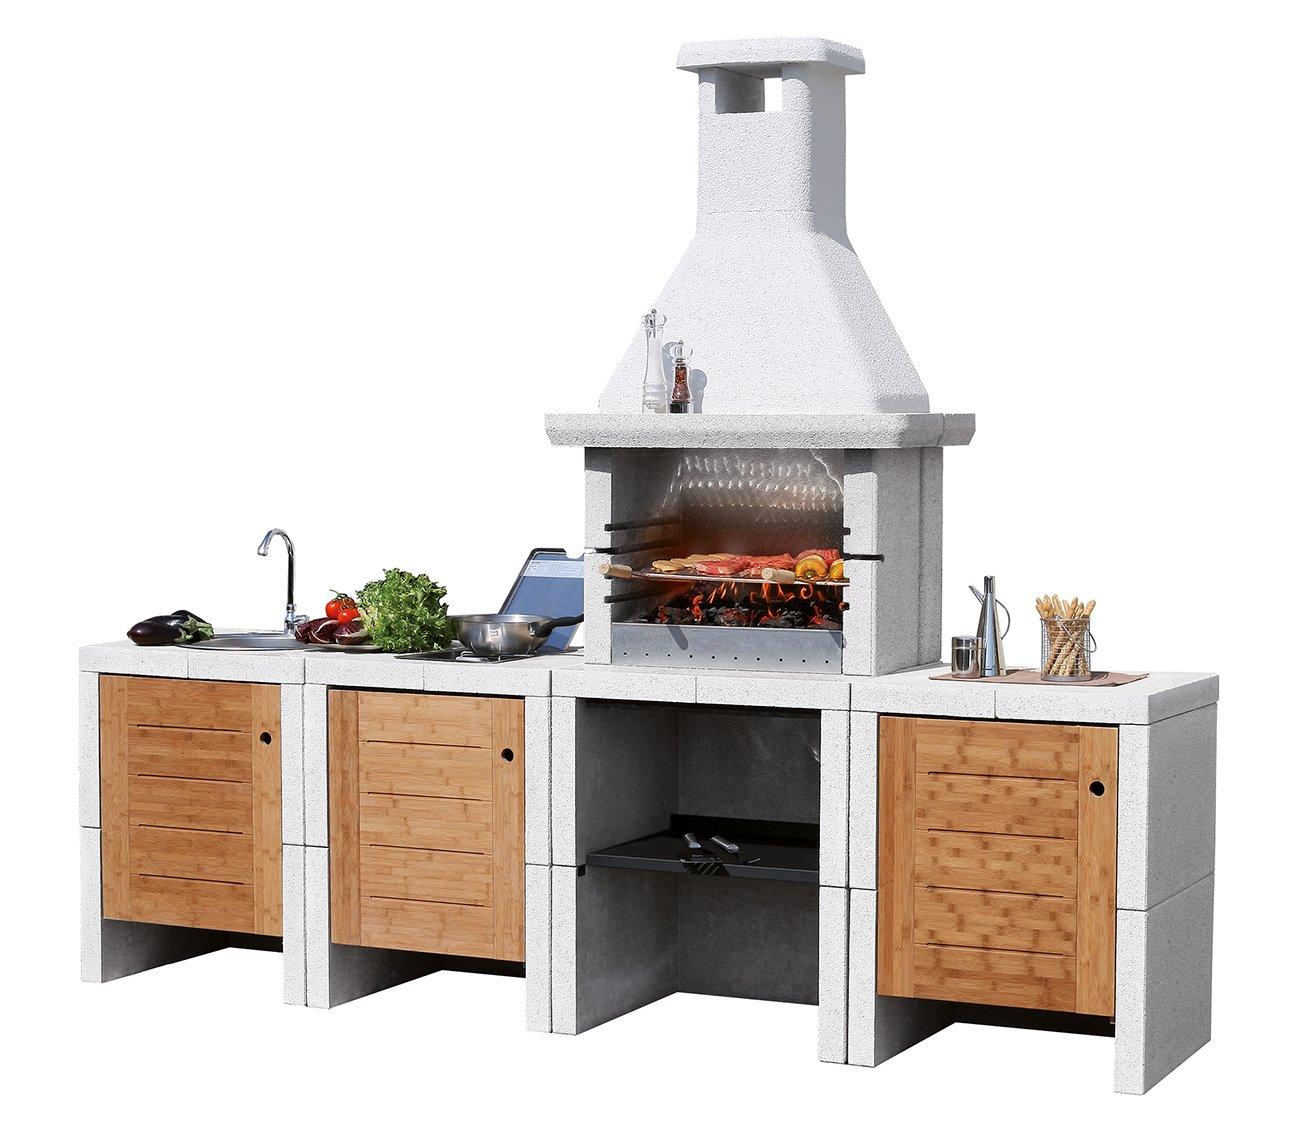 Idee barbecue da giardino for Design di casa all aperto